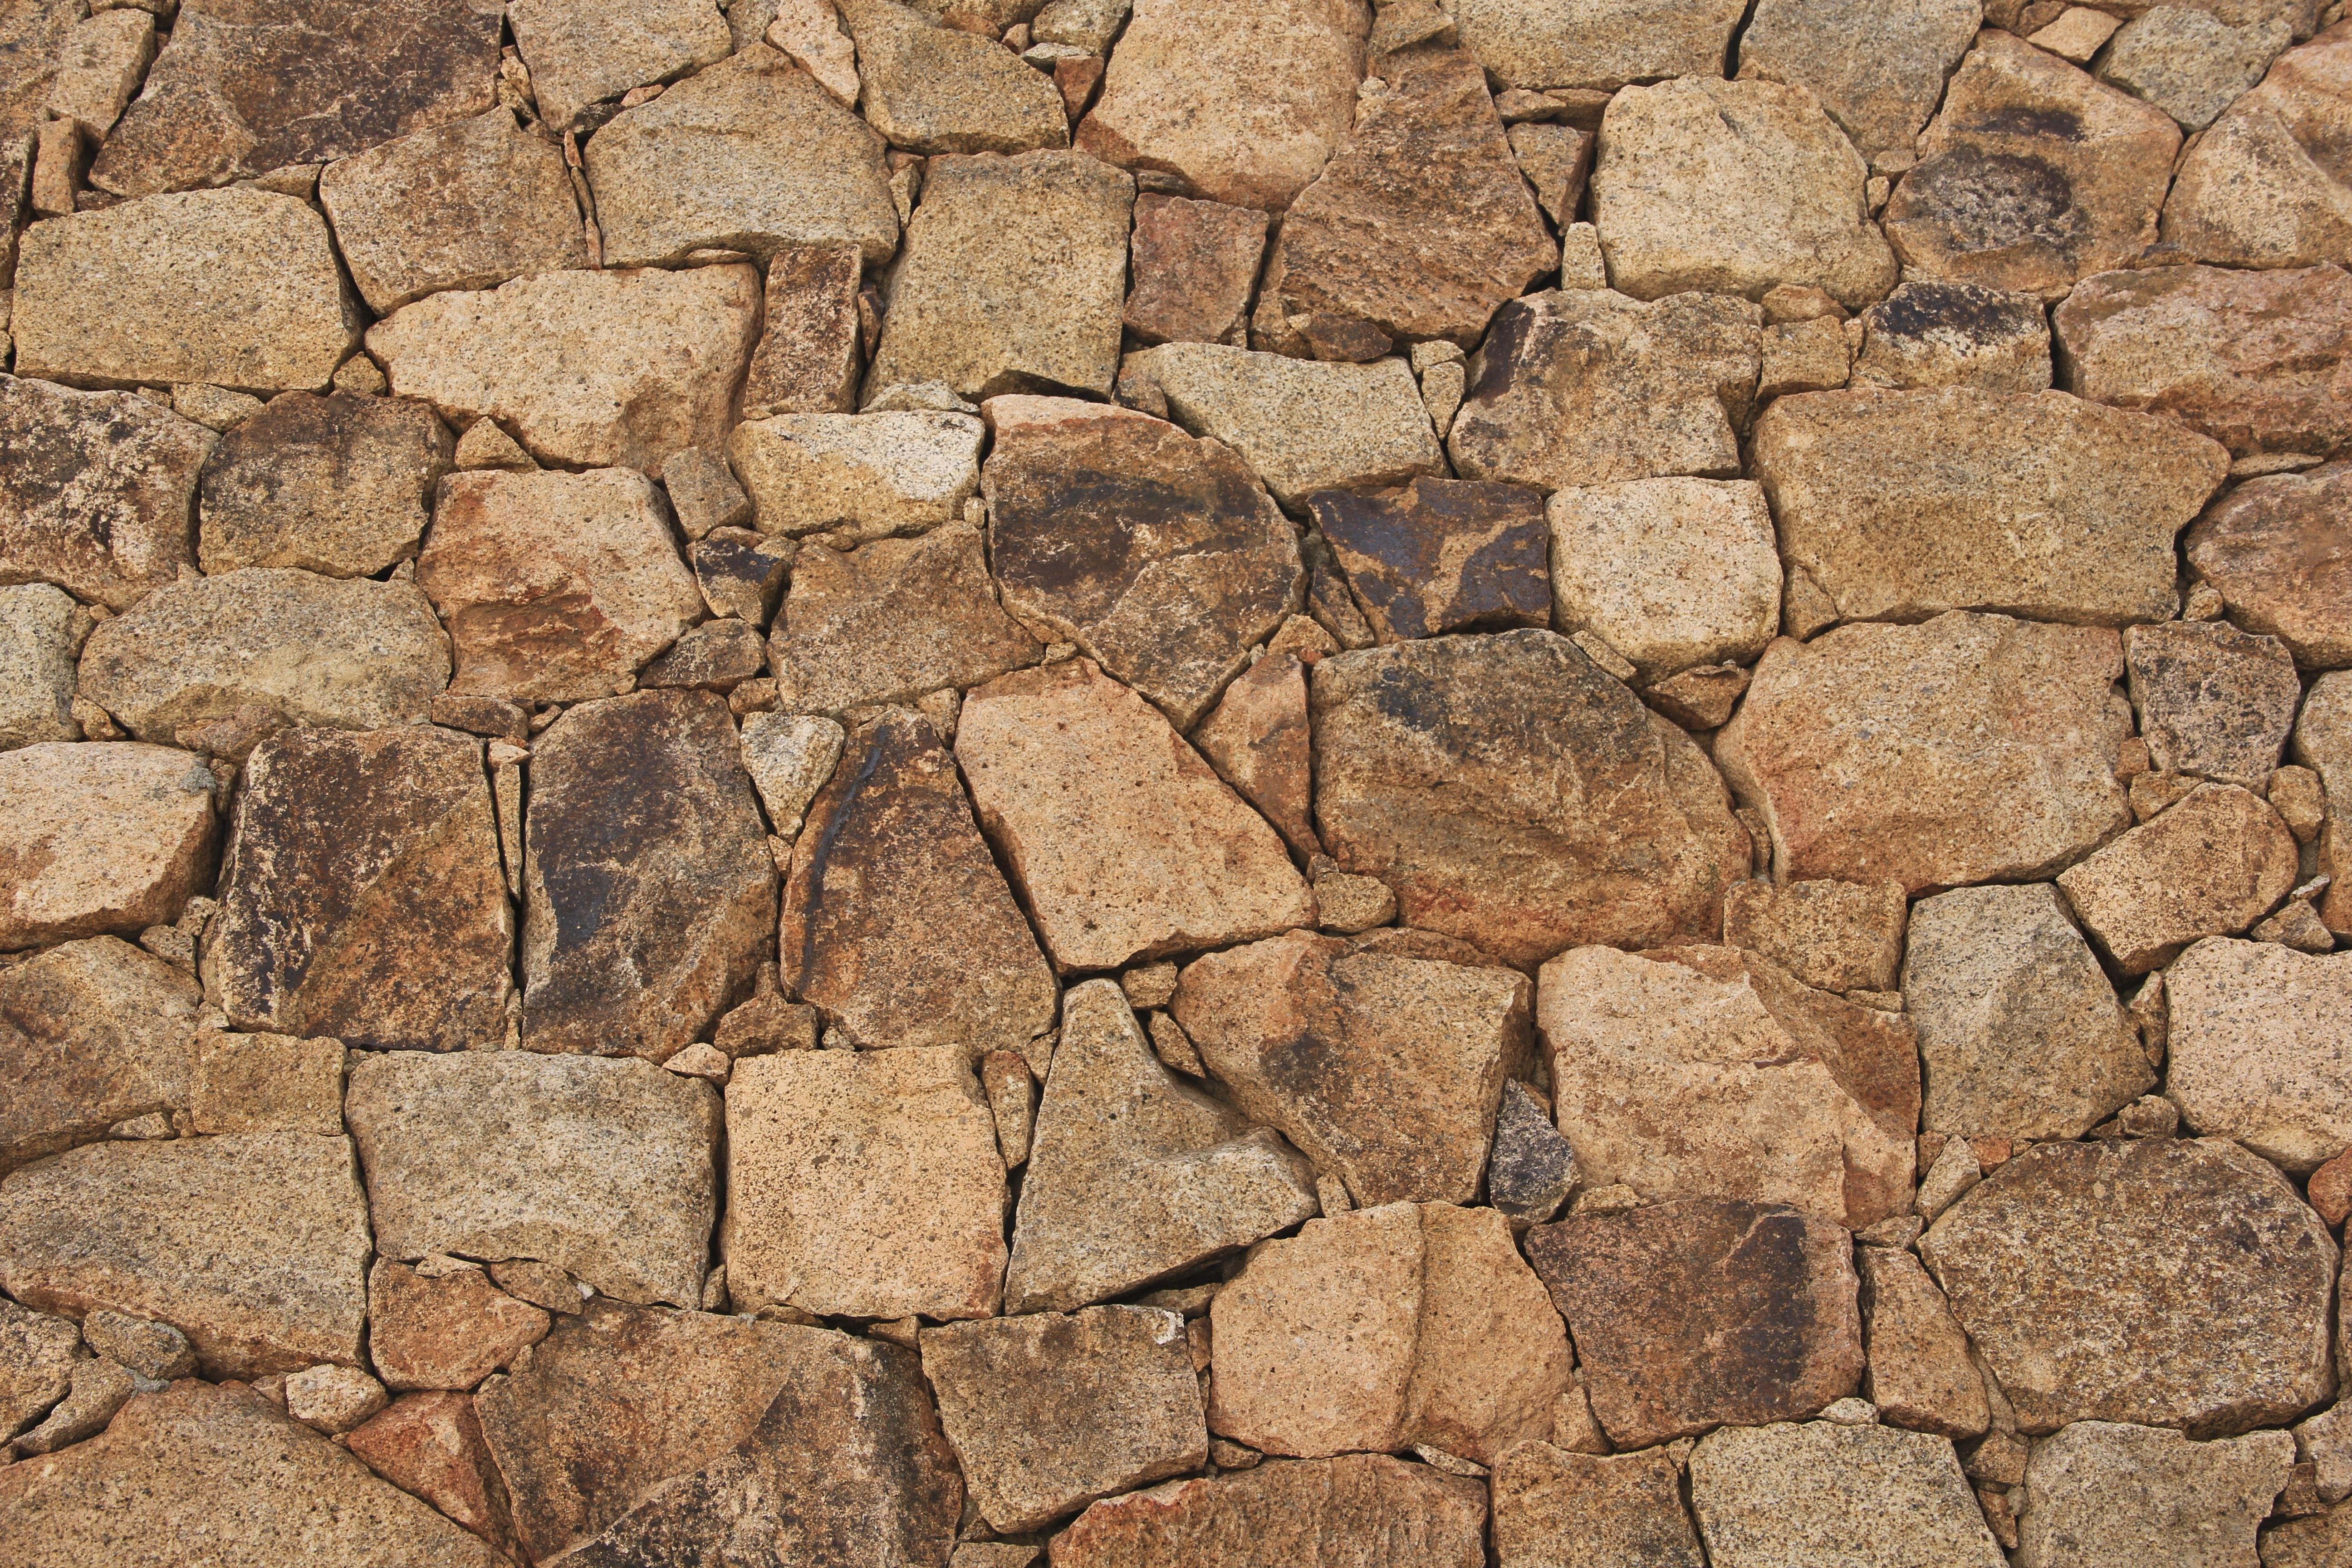 Fotos gratis rock textura piso guijarro pared suelo - Piedras decorativas para pared ...